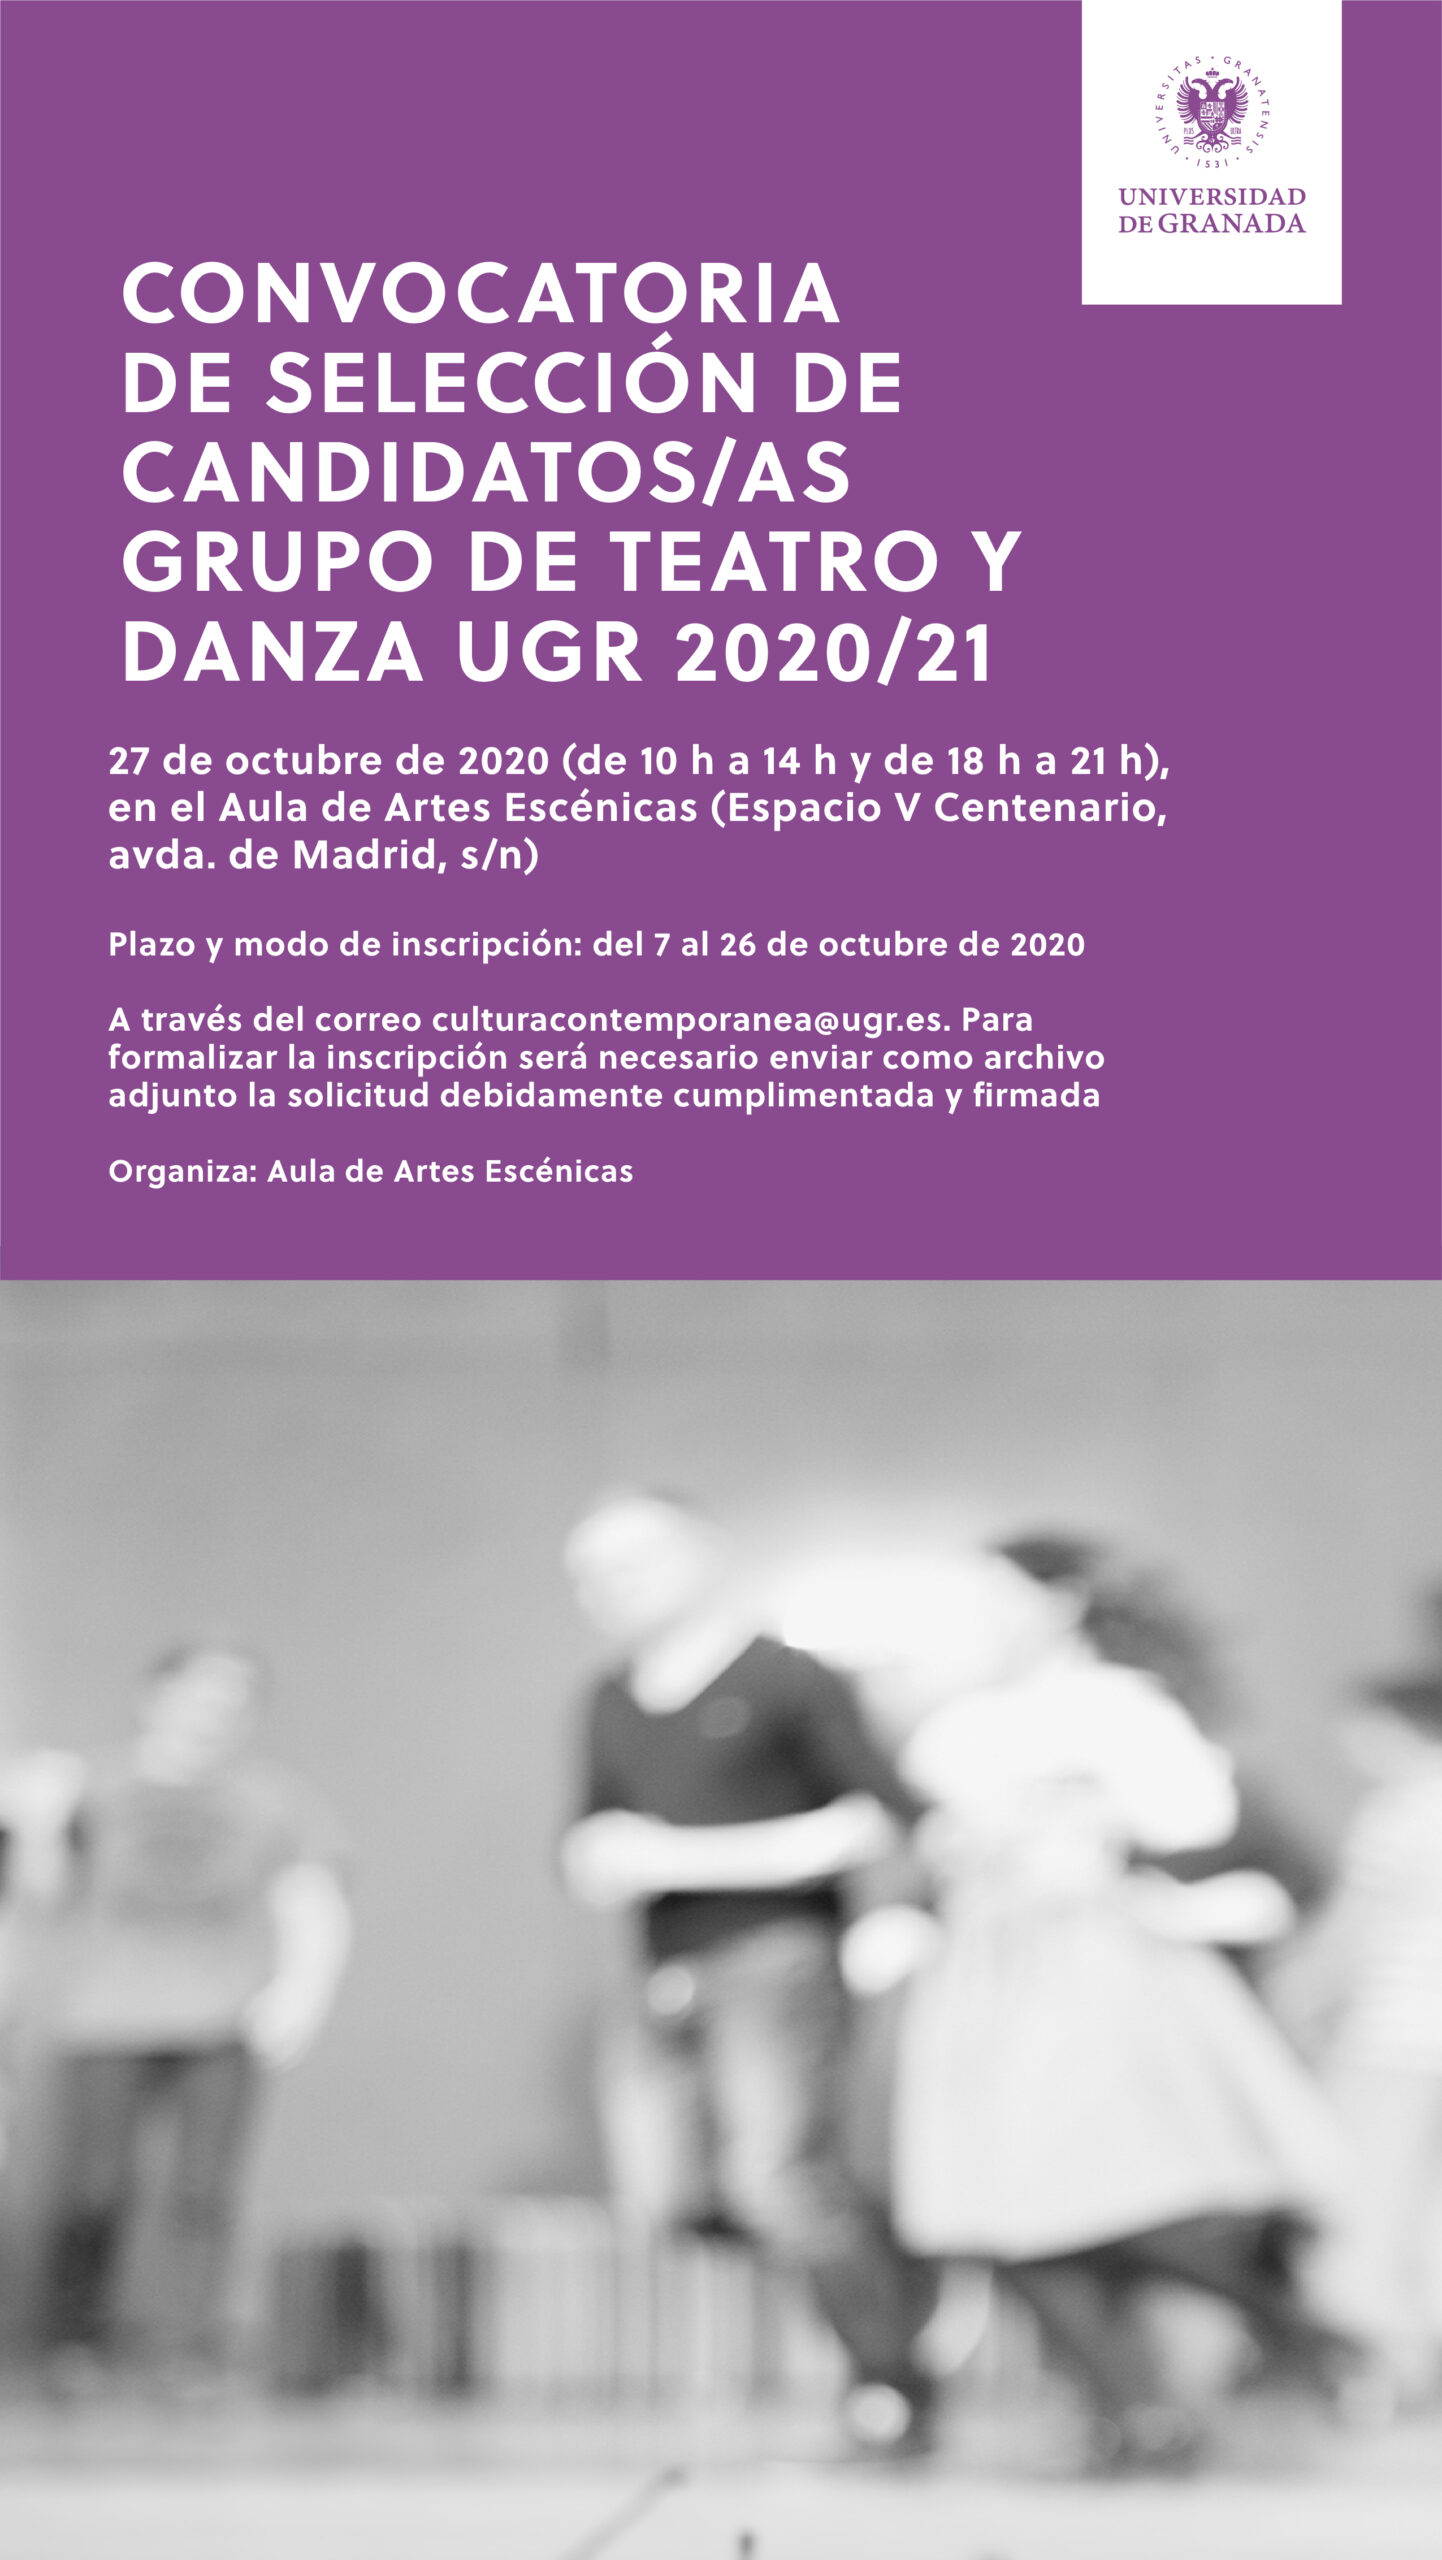 Imagen de portada de Convocatoria de selección de candidatos/as Grupo de Teatro y Danza UGR 2020/21